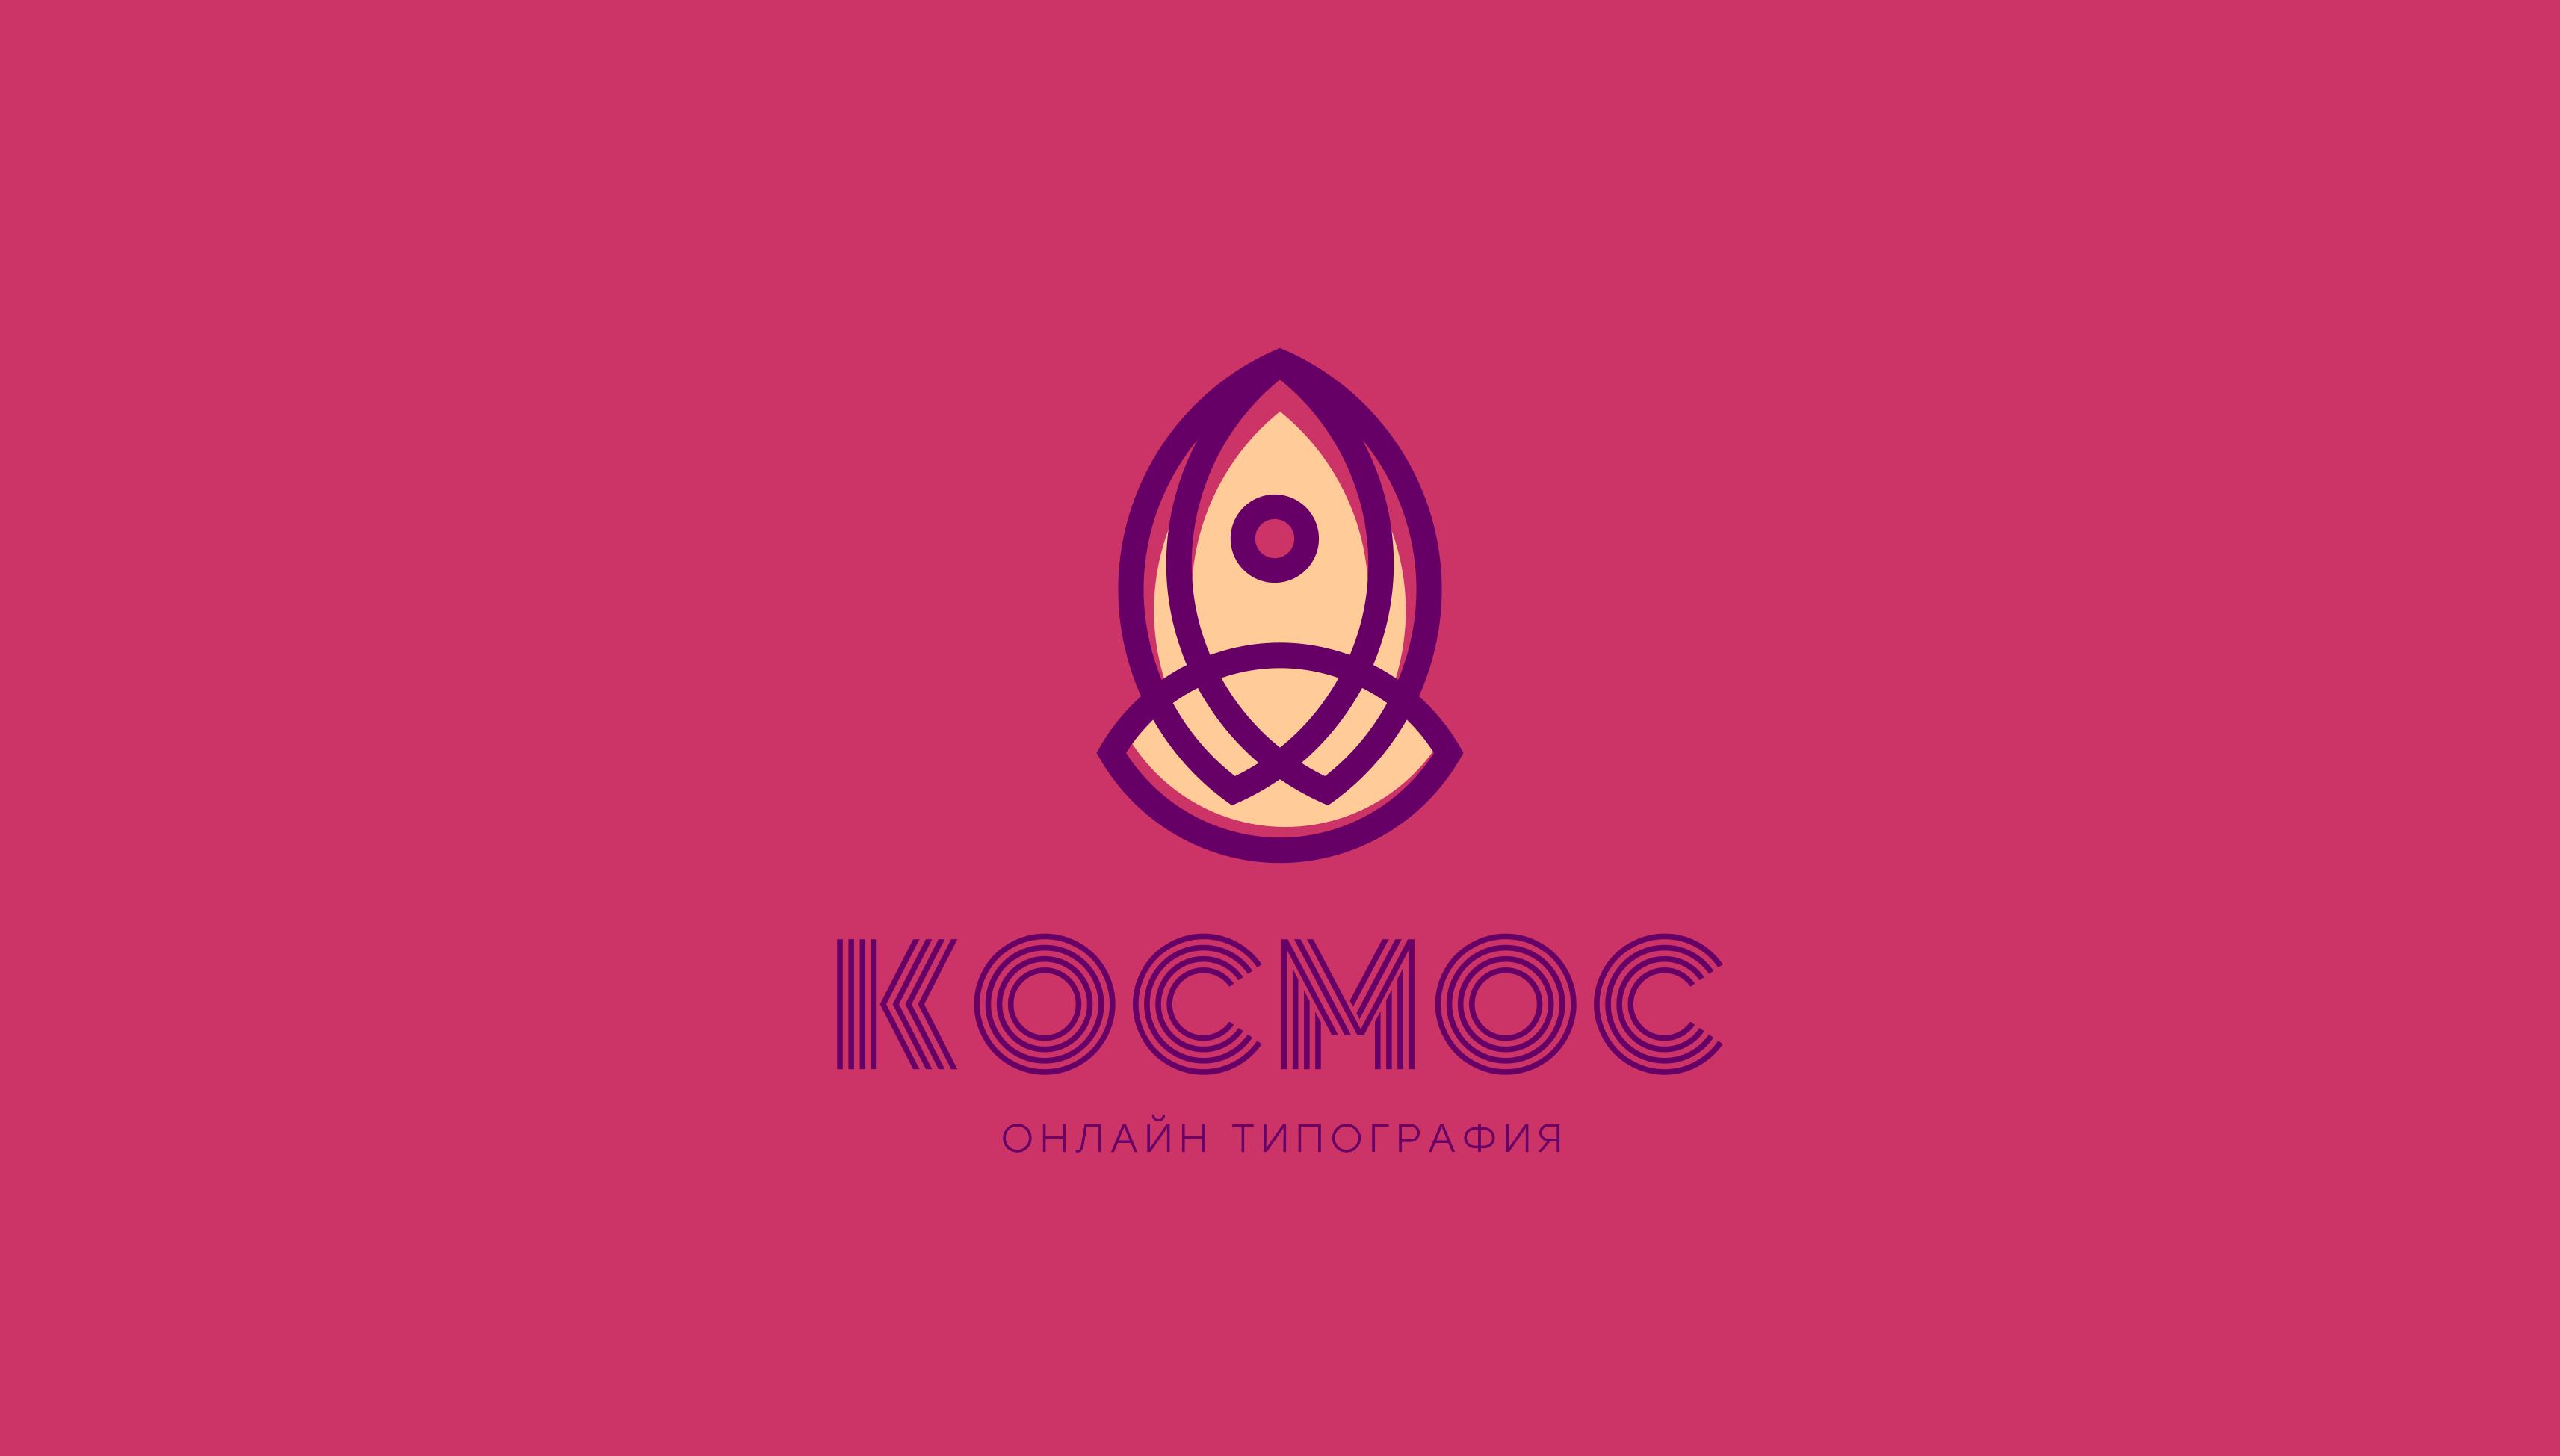 Космос принт // онлайн типография